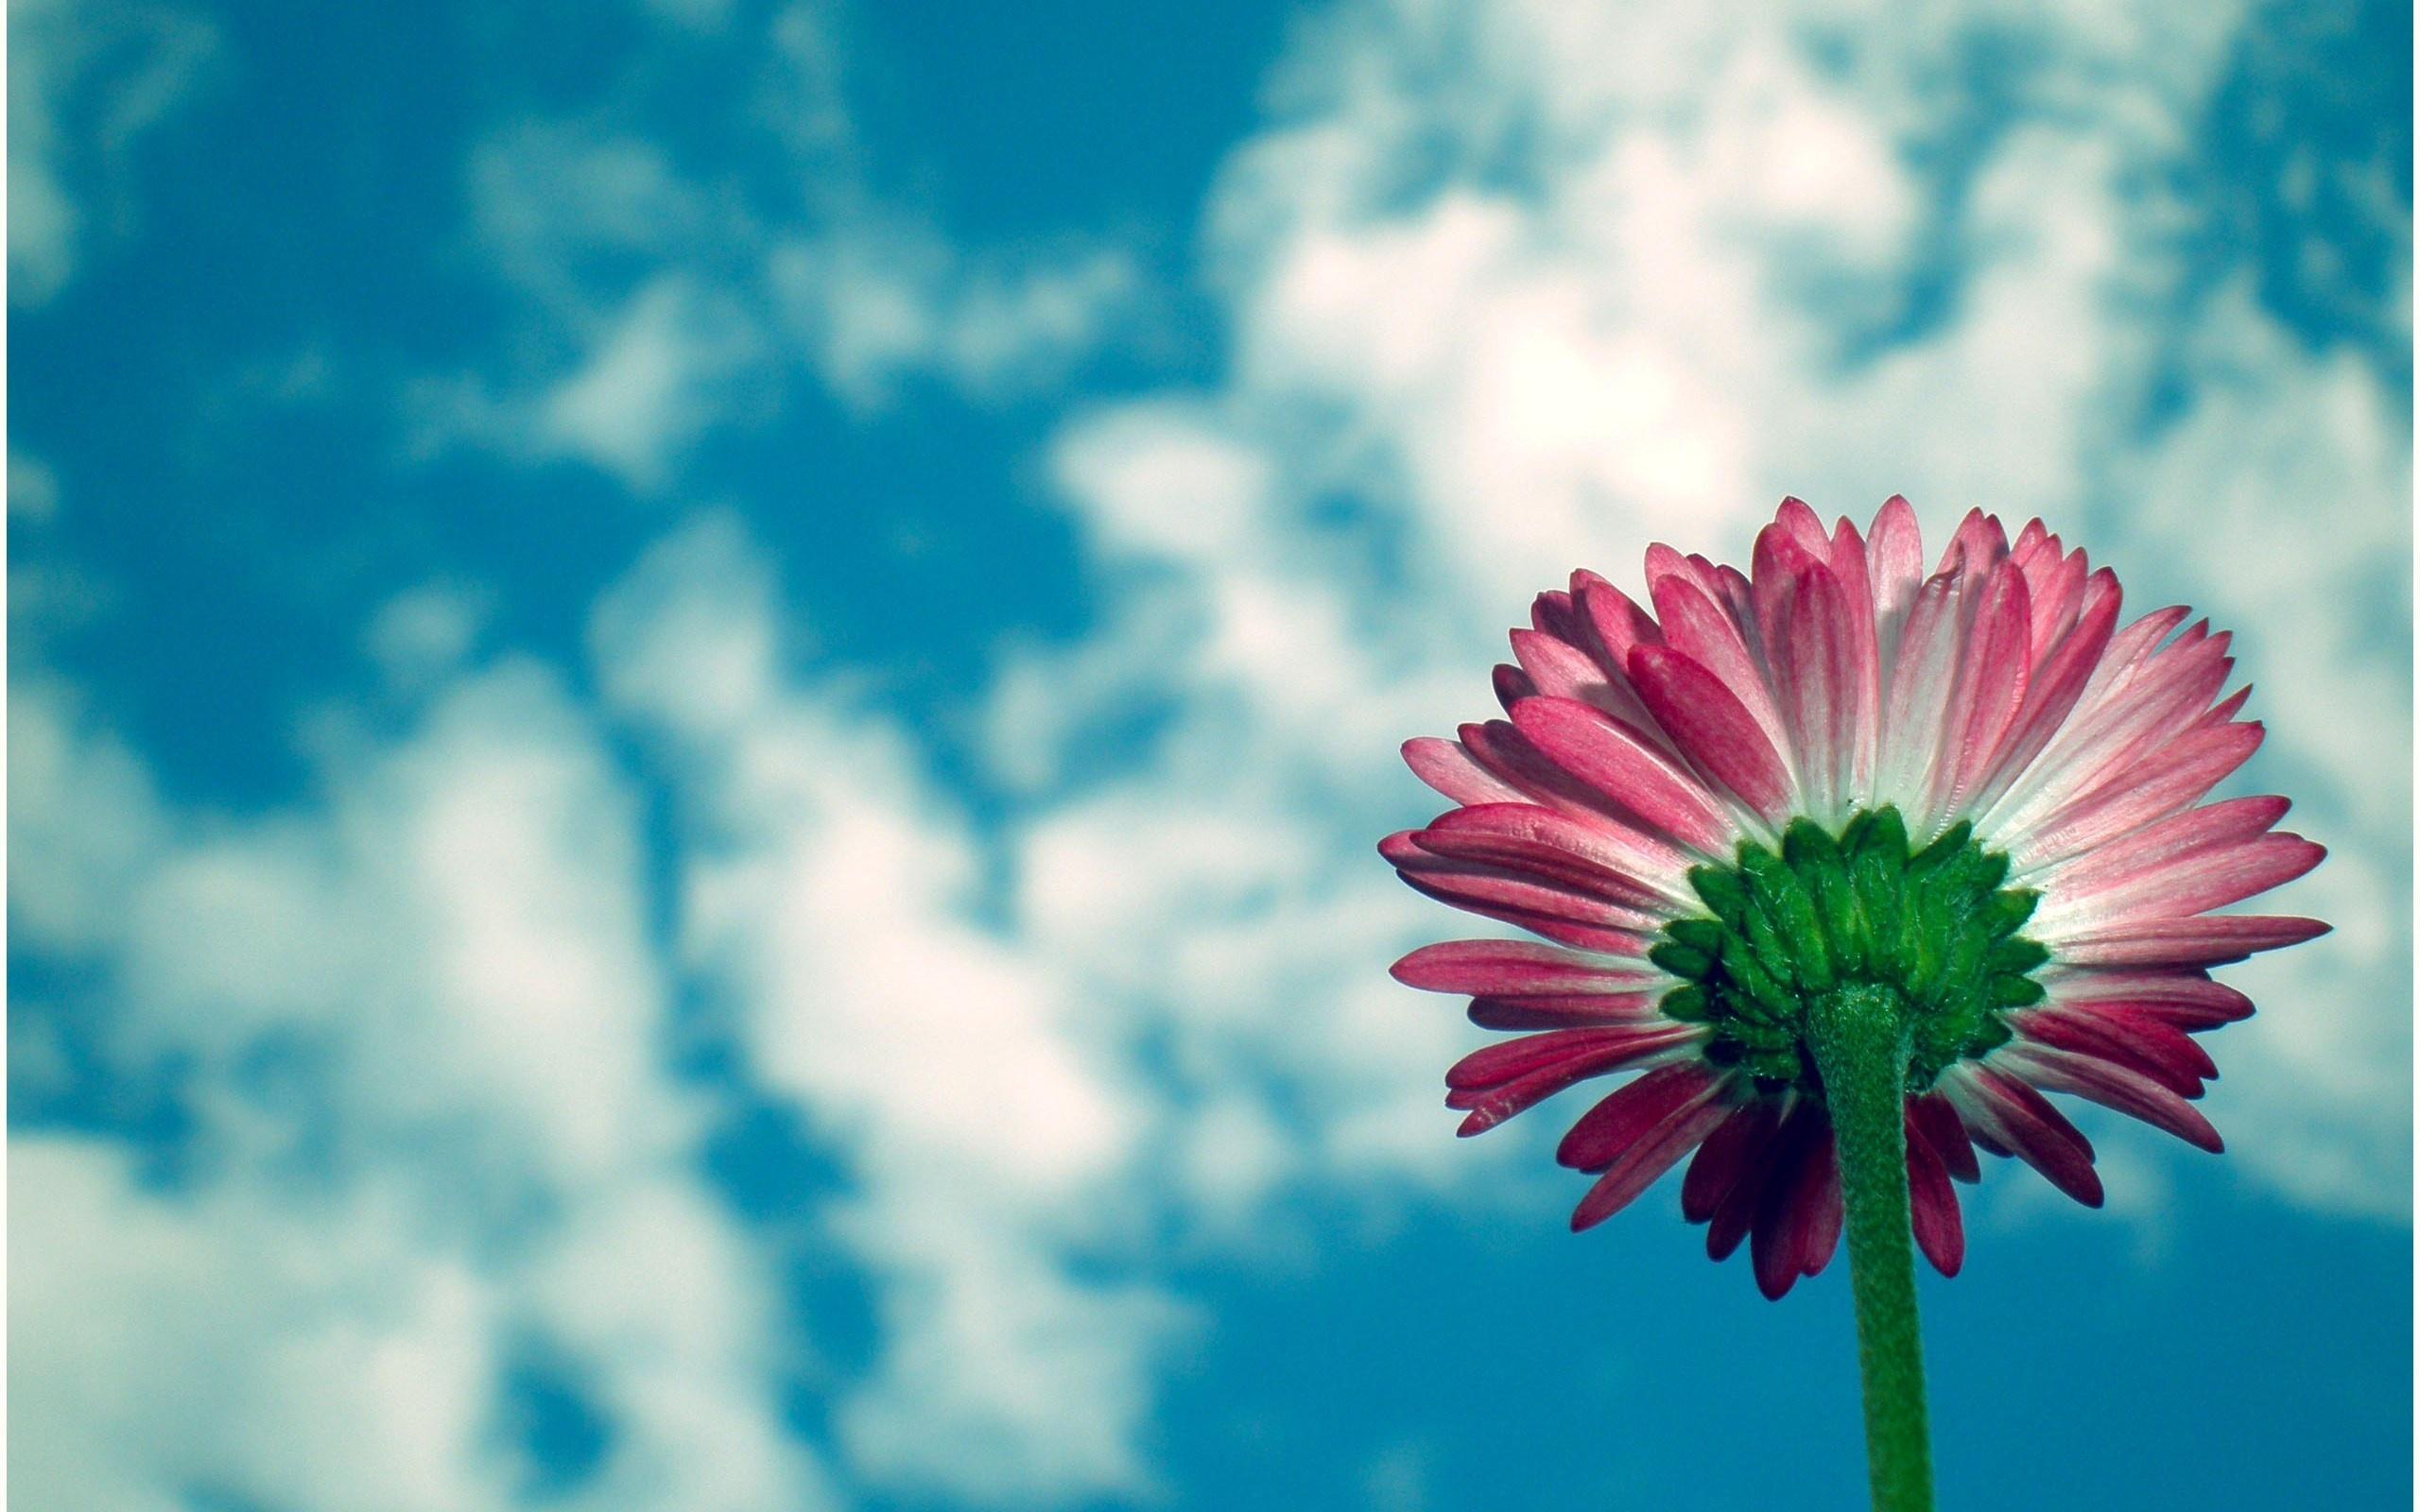 красивые картинки цветов на фоне неба